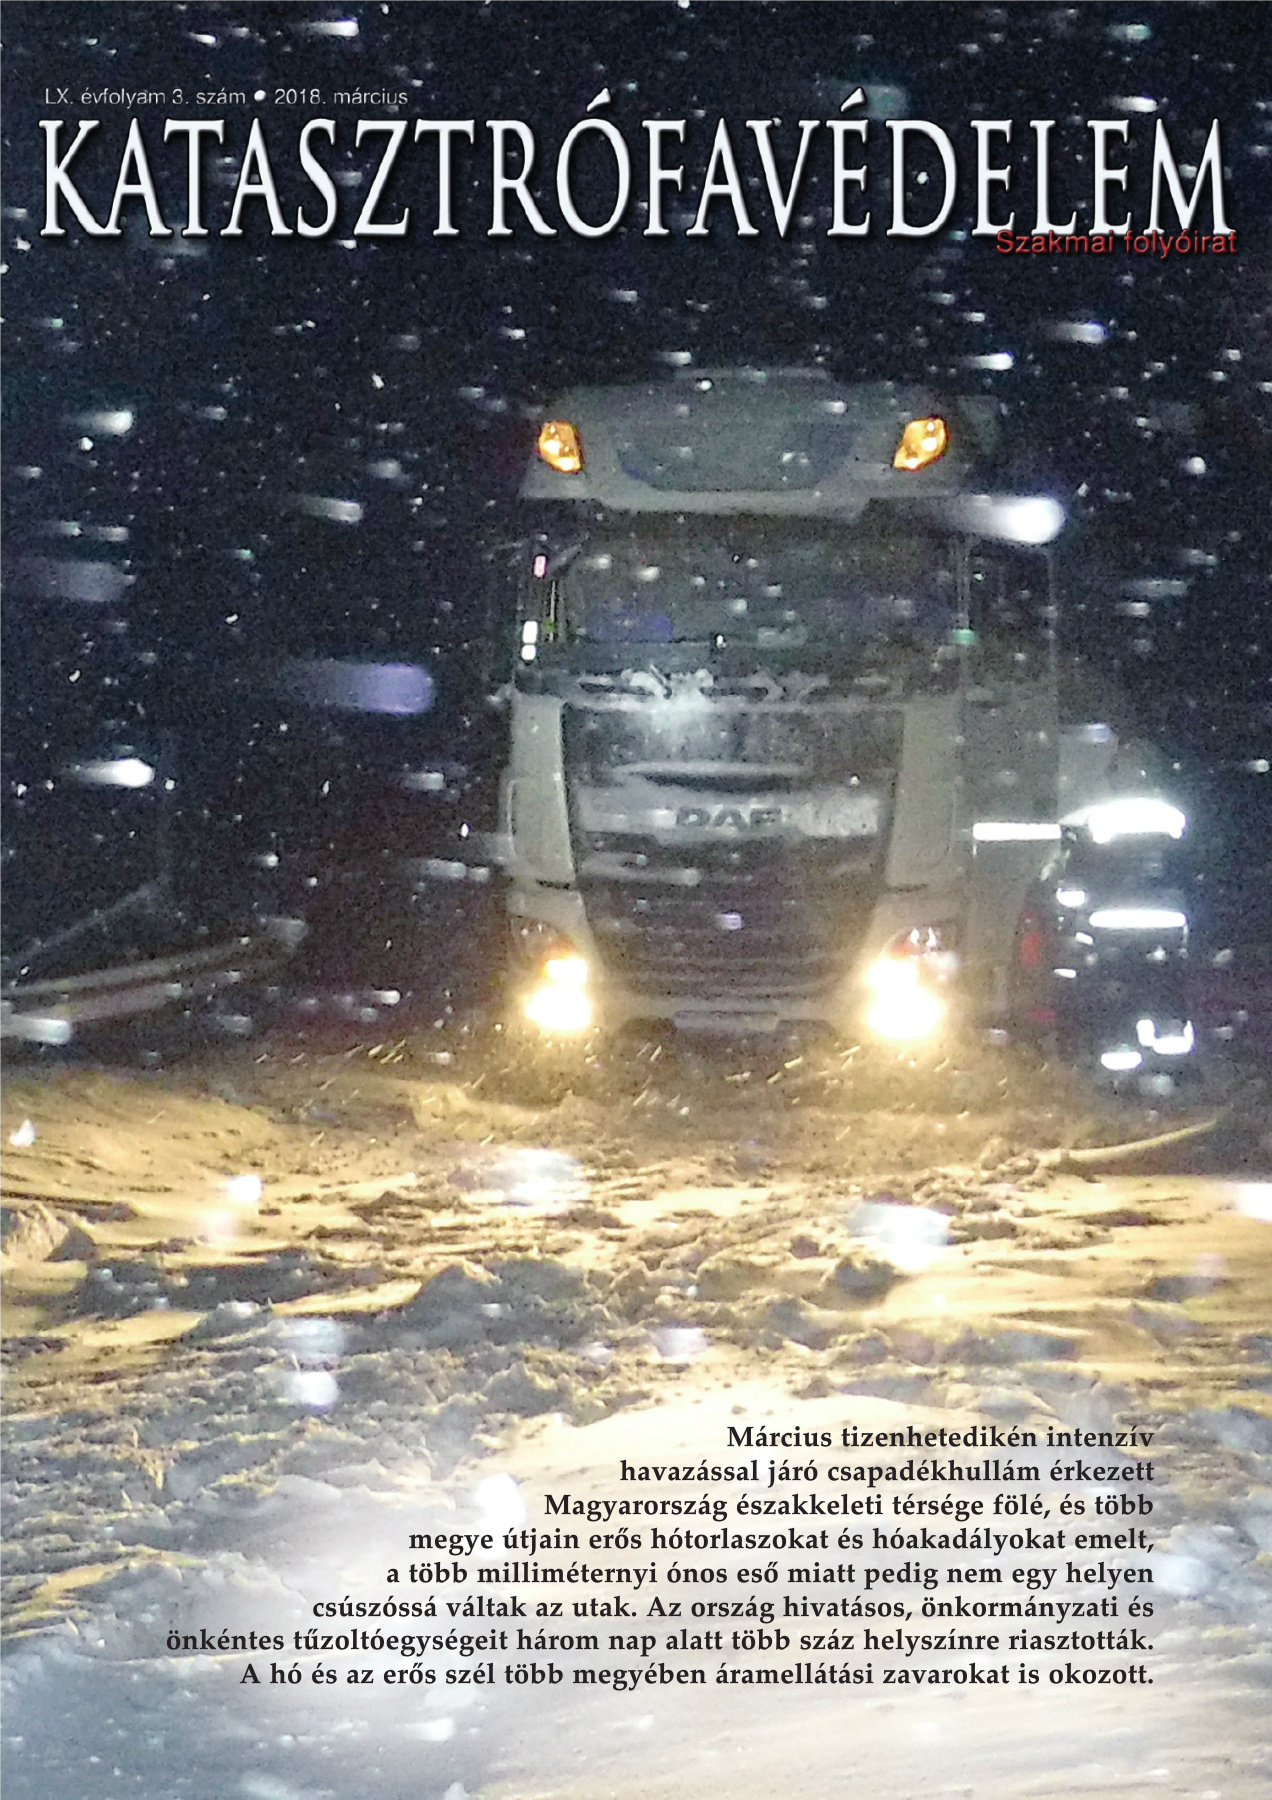 A Katasztrófavédelem magazin LX. évfolyam 3. szám megtekintése